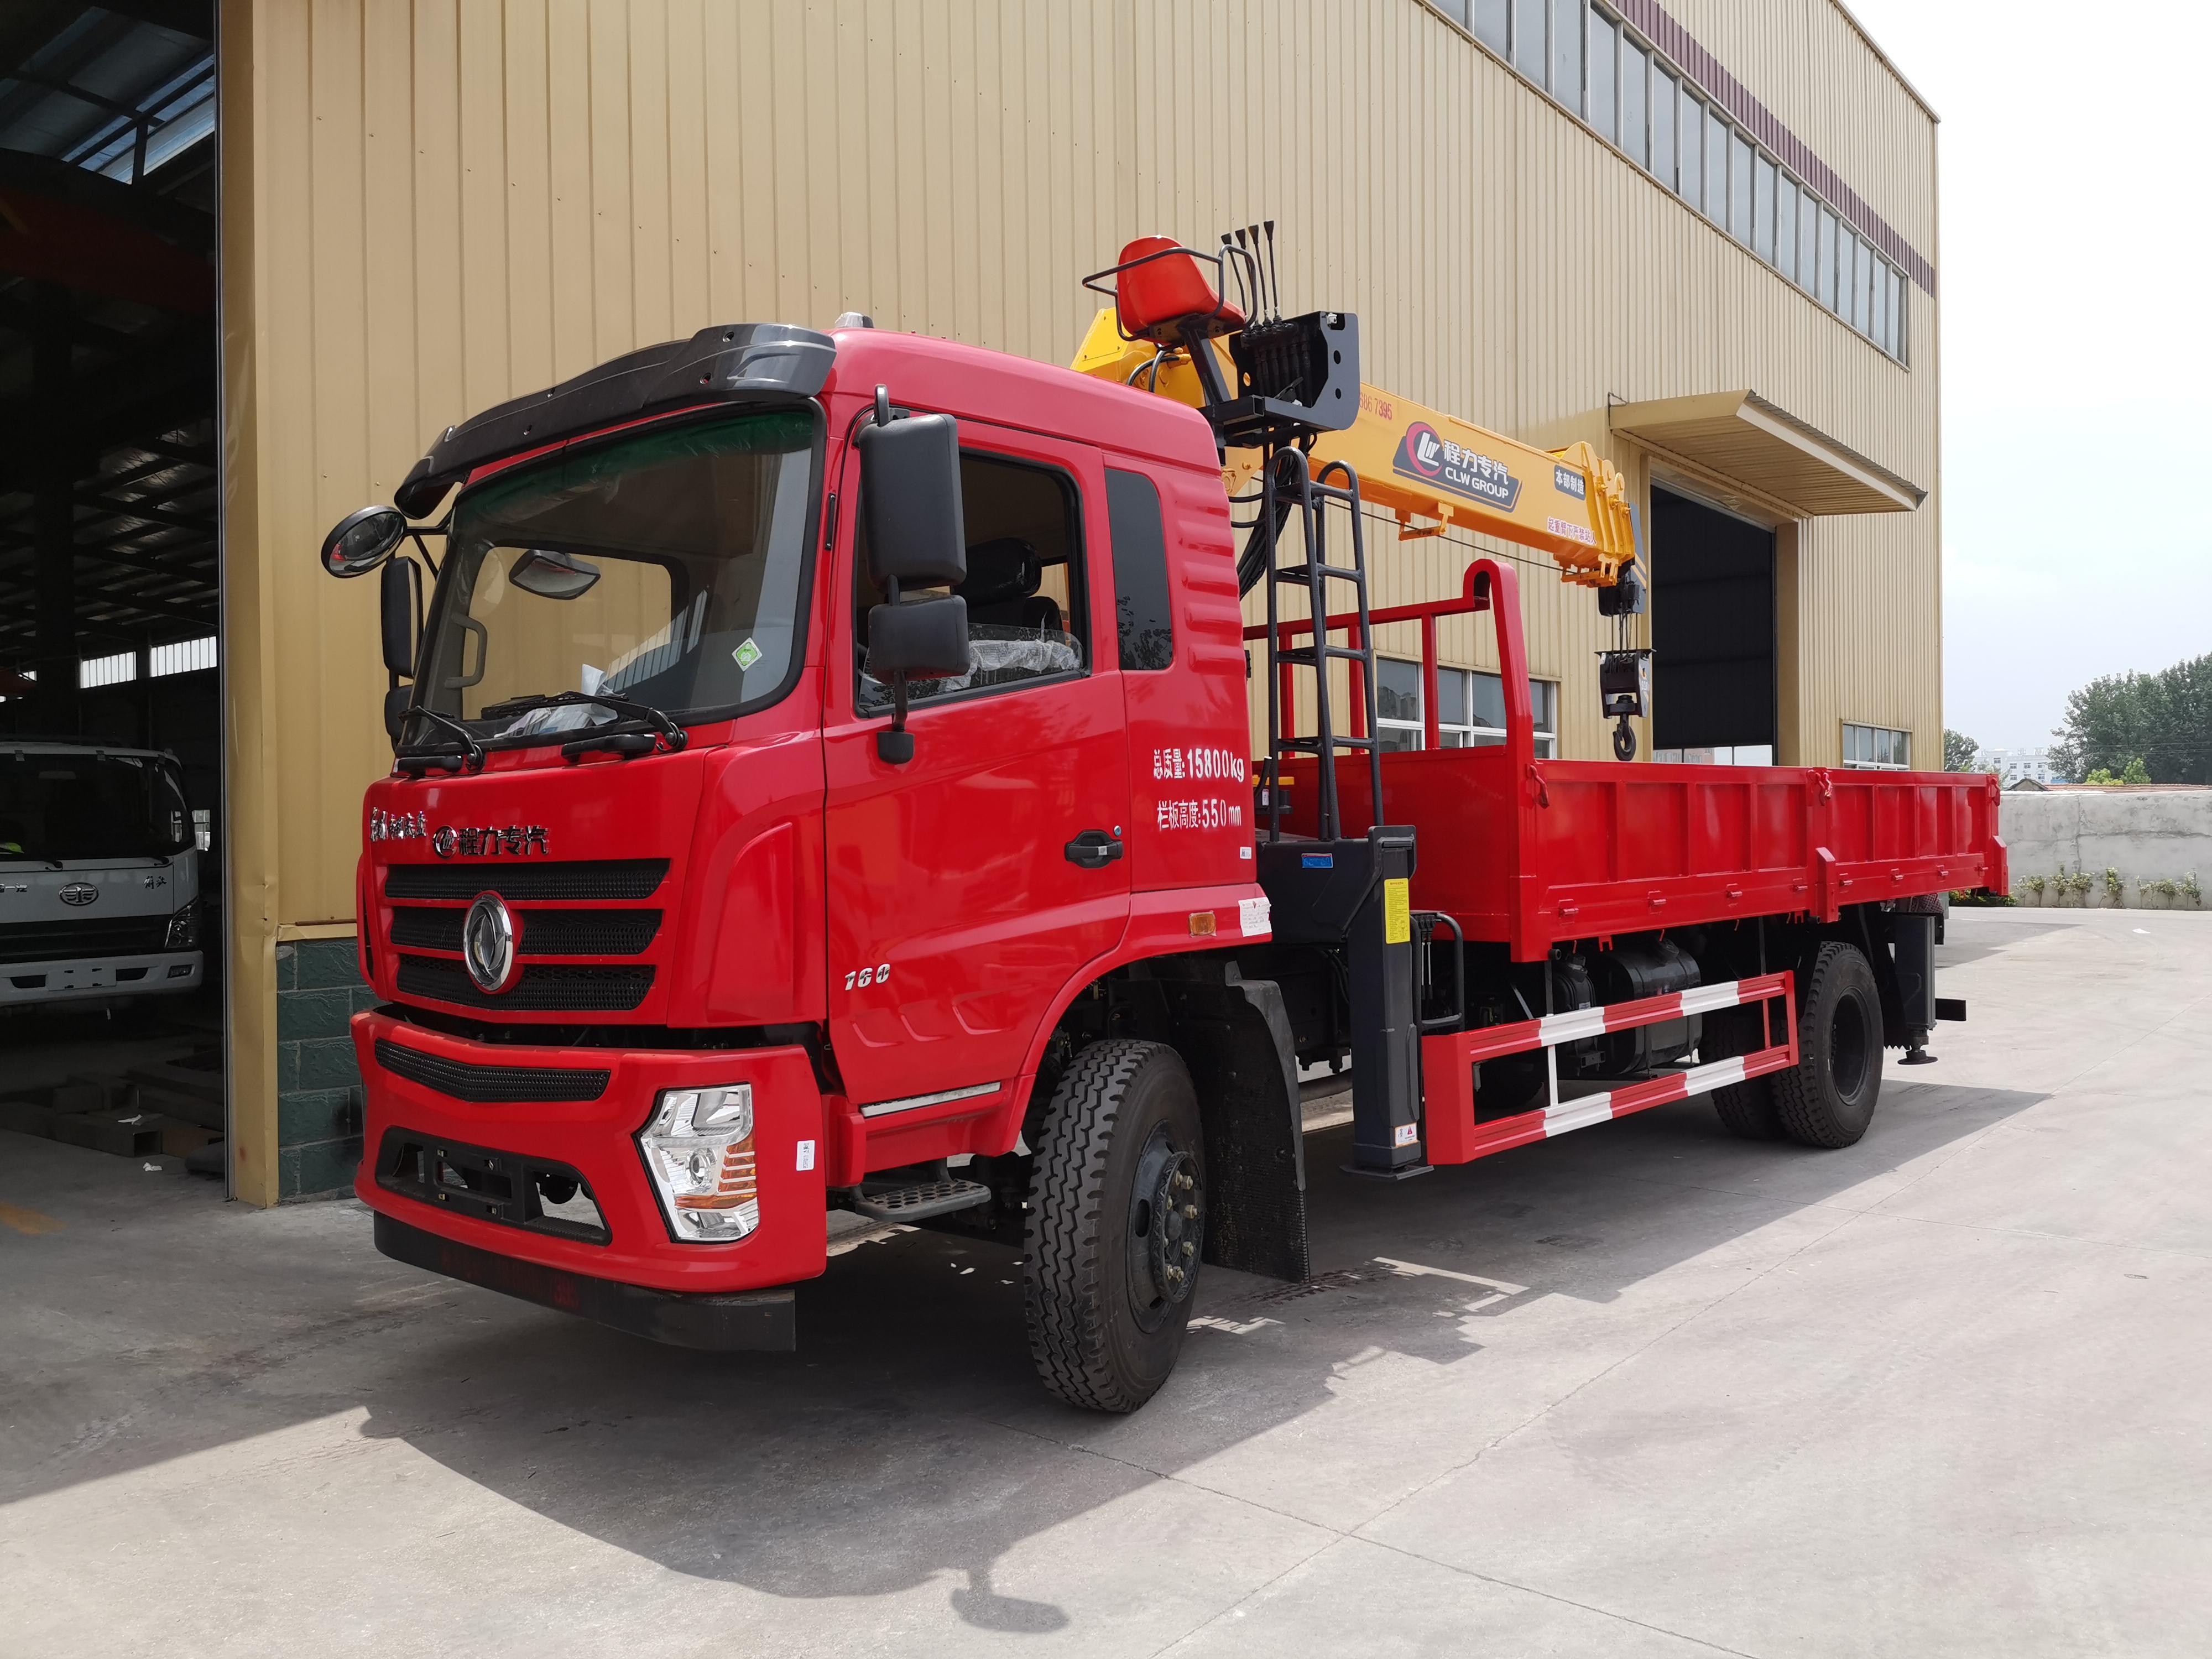 程力8吨随车吊厂家直销价格优惠东风单桥随车吊货箱5米8